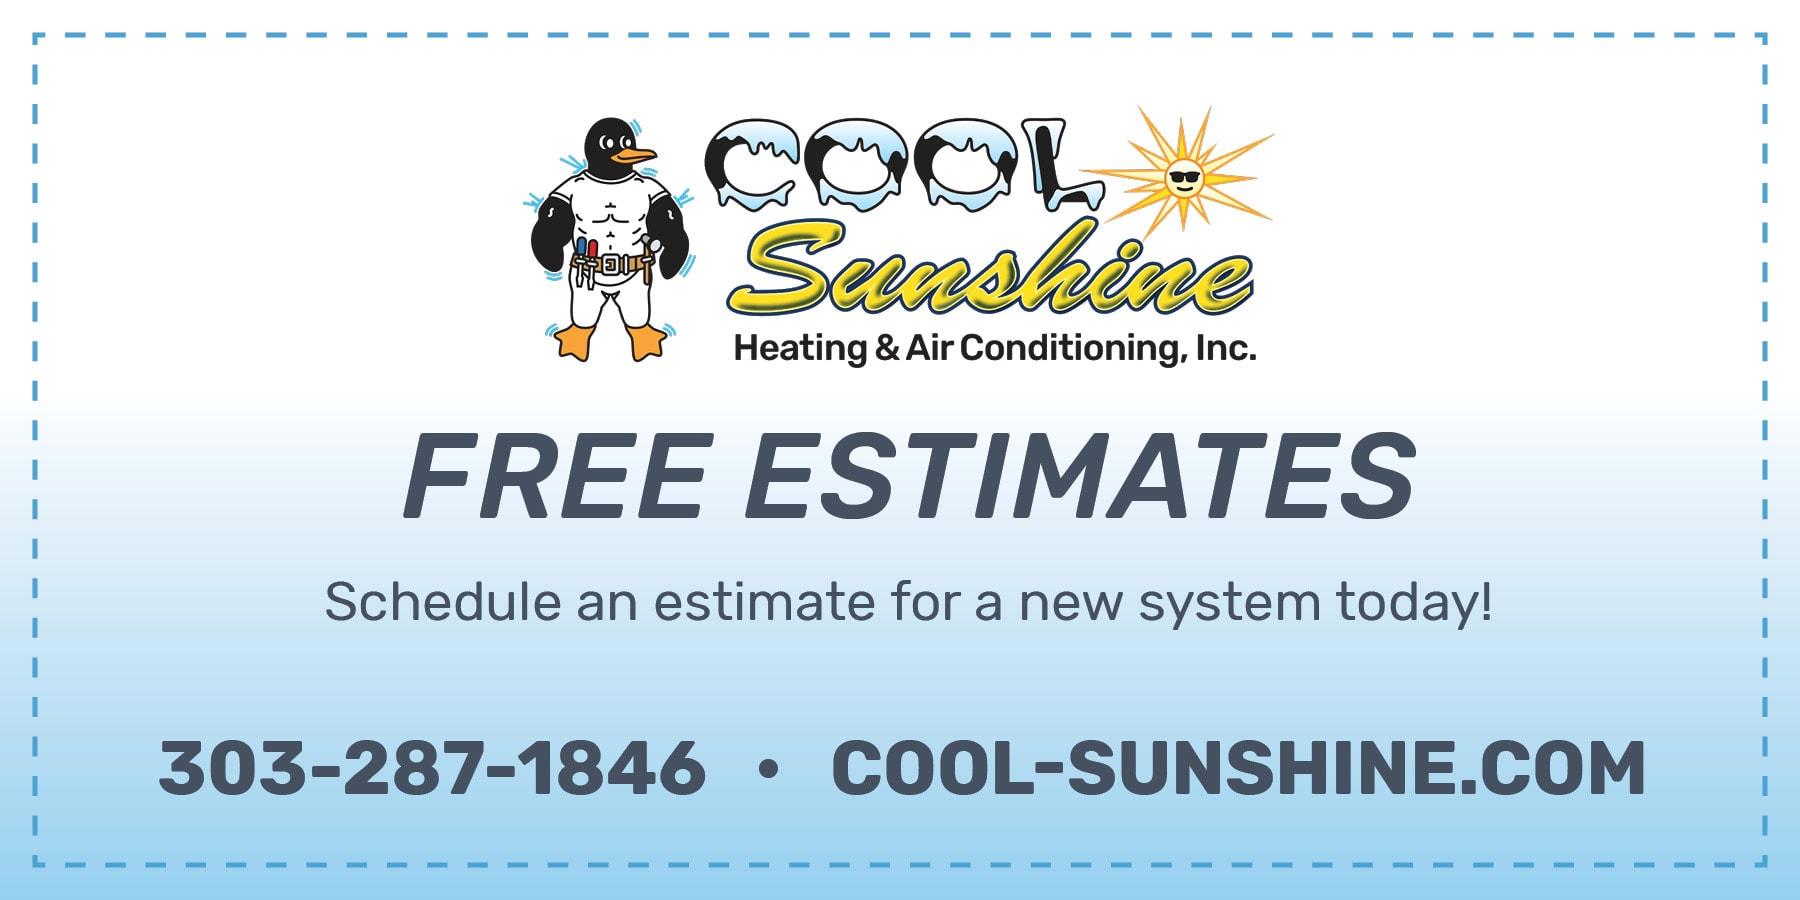 Free estimates coupon.